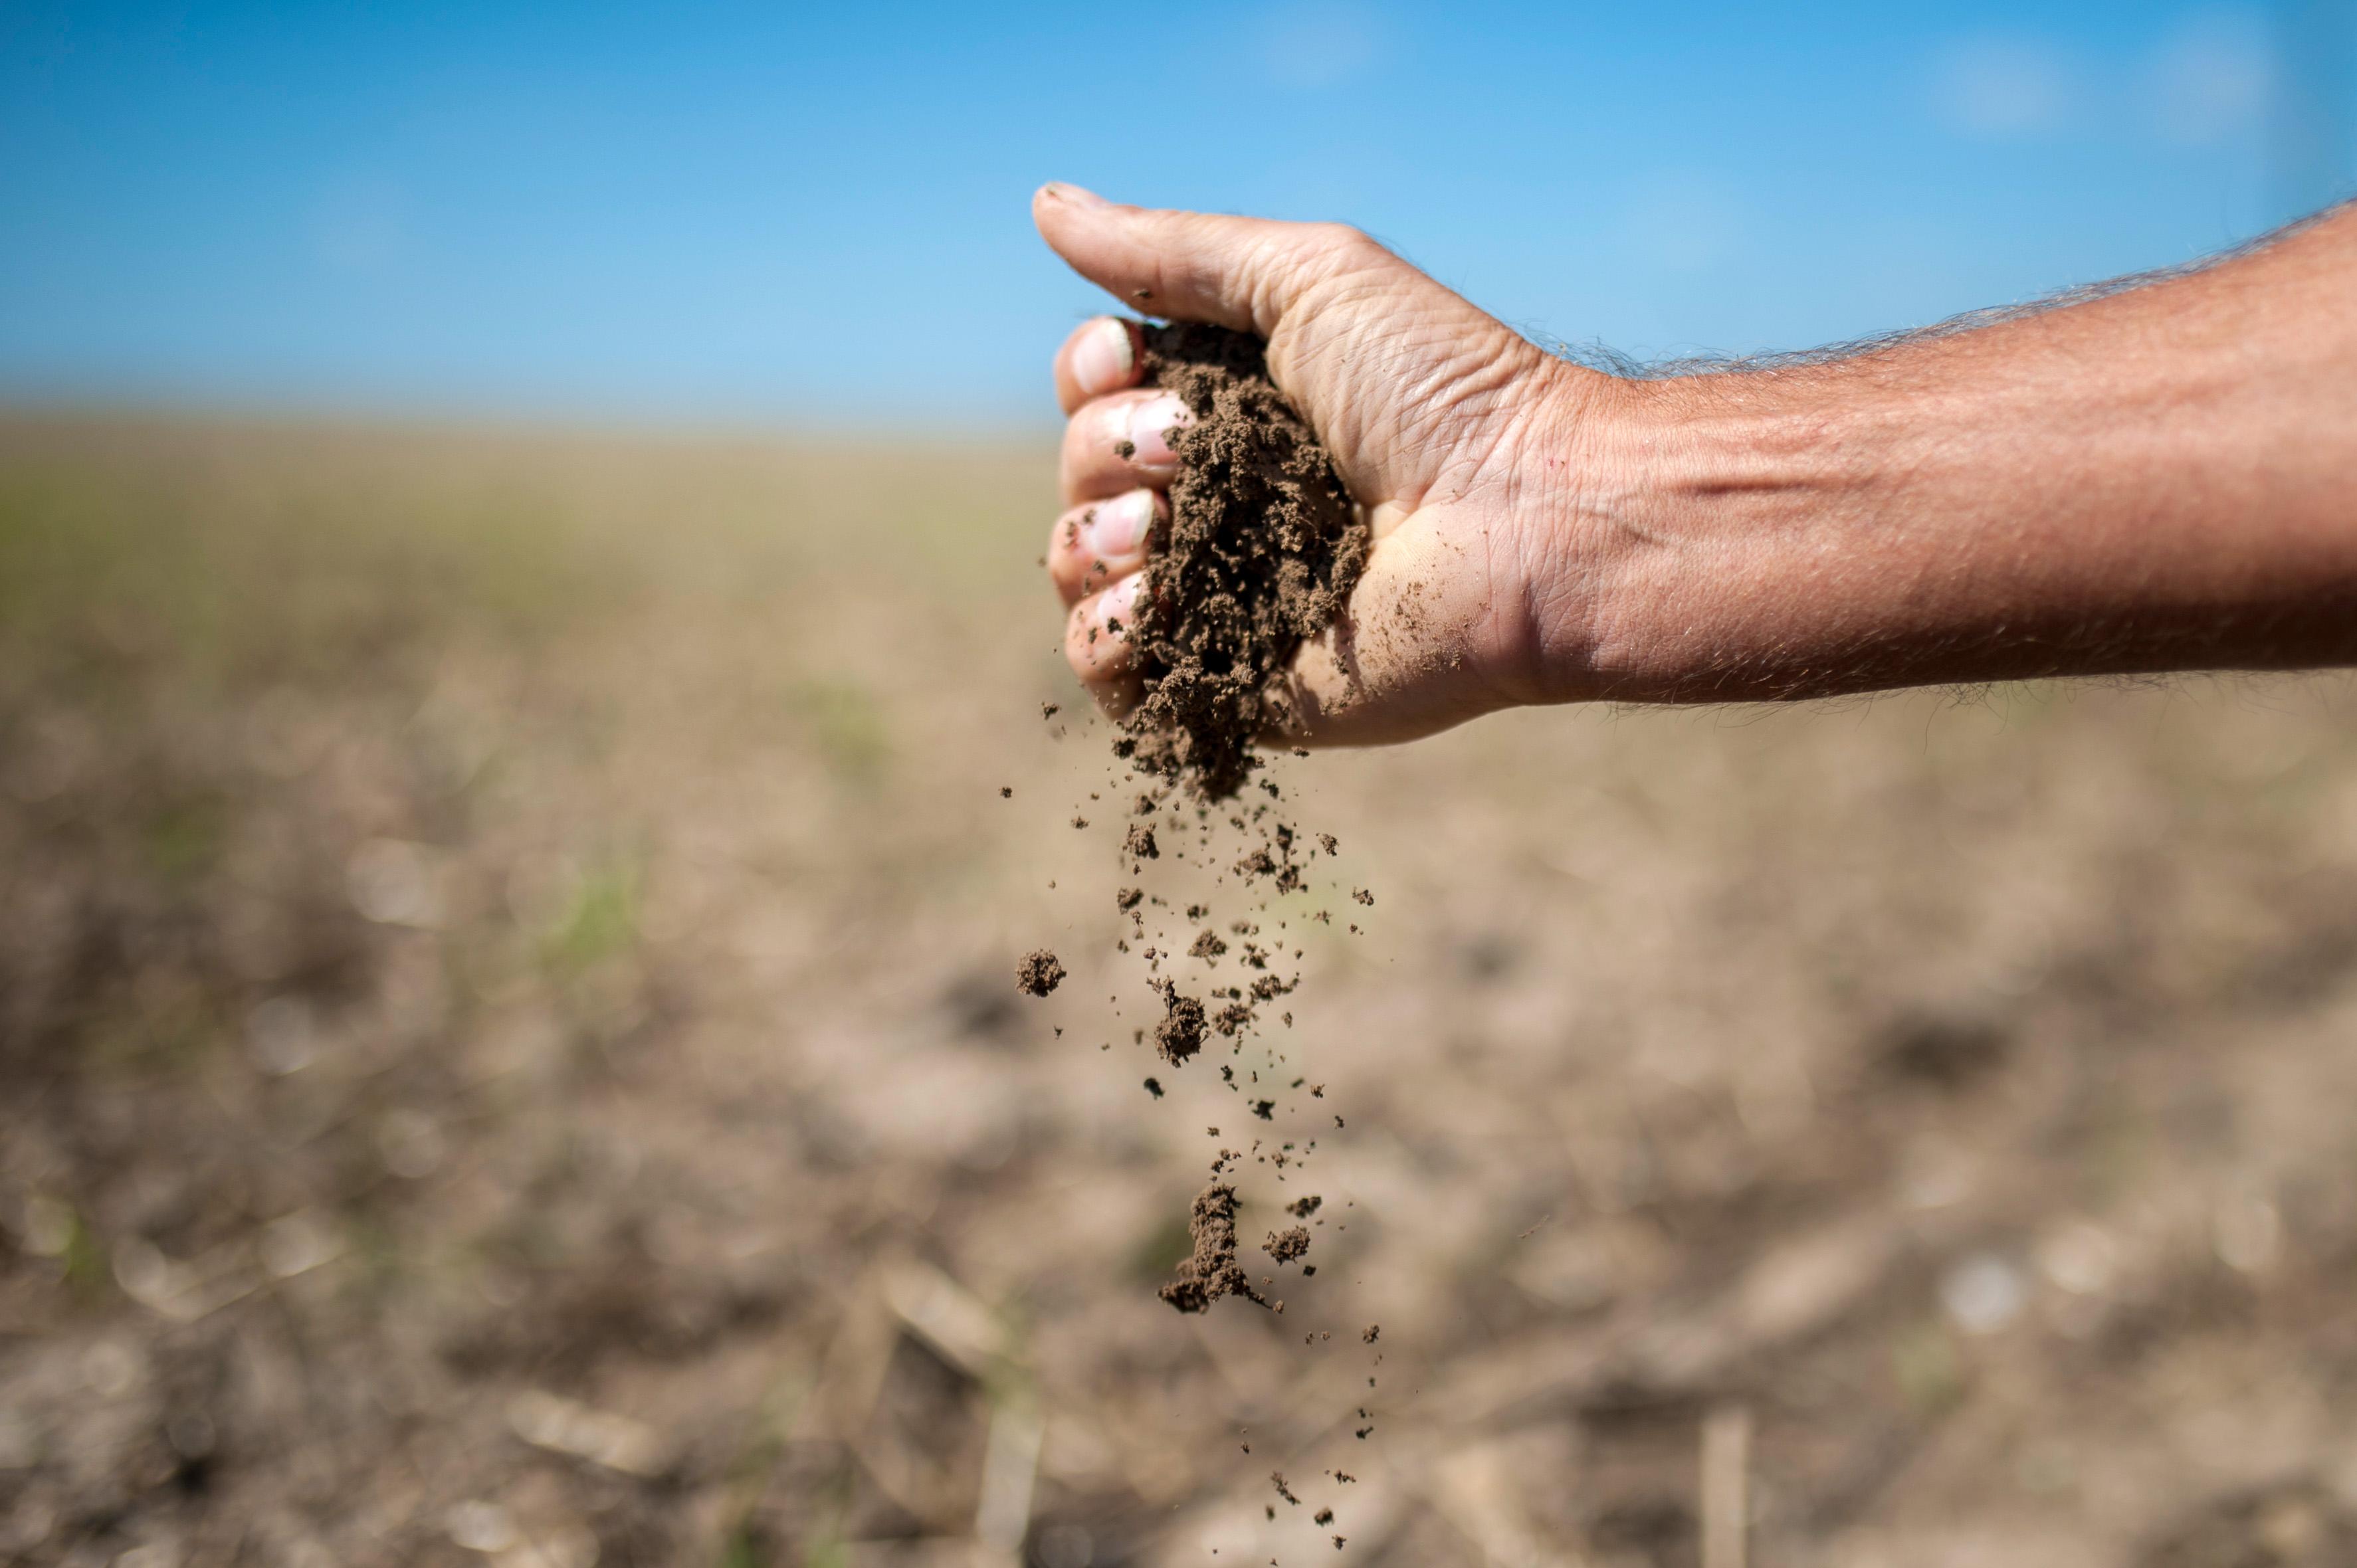 Eine Hand hält Erdboden